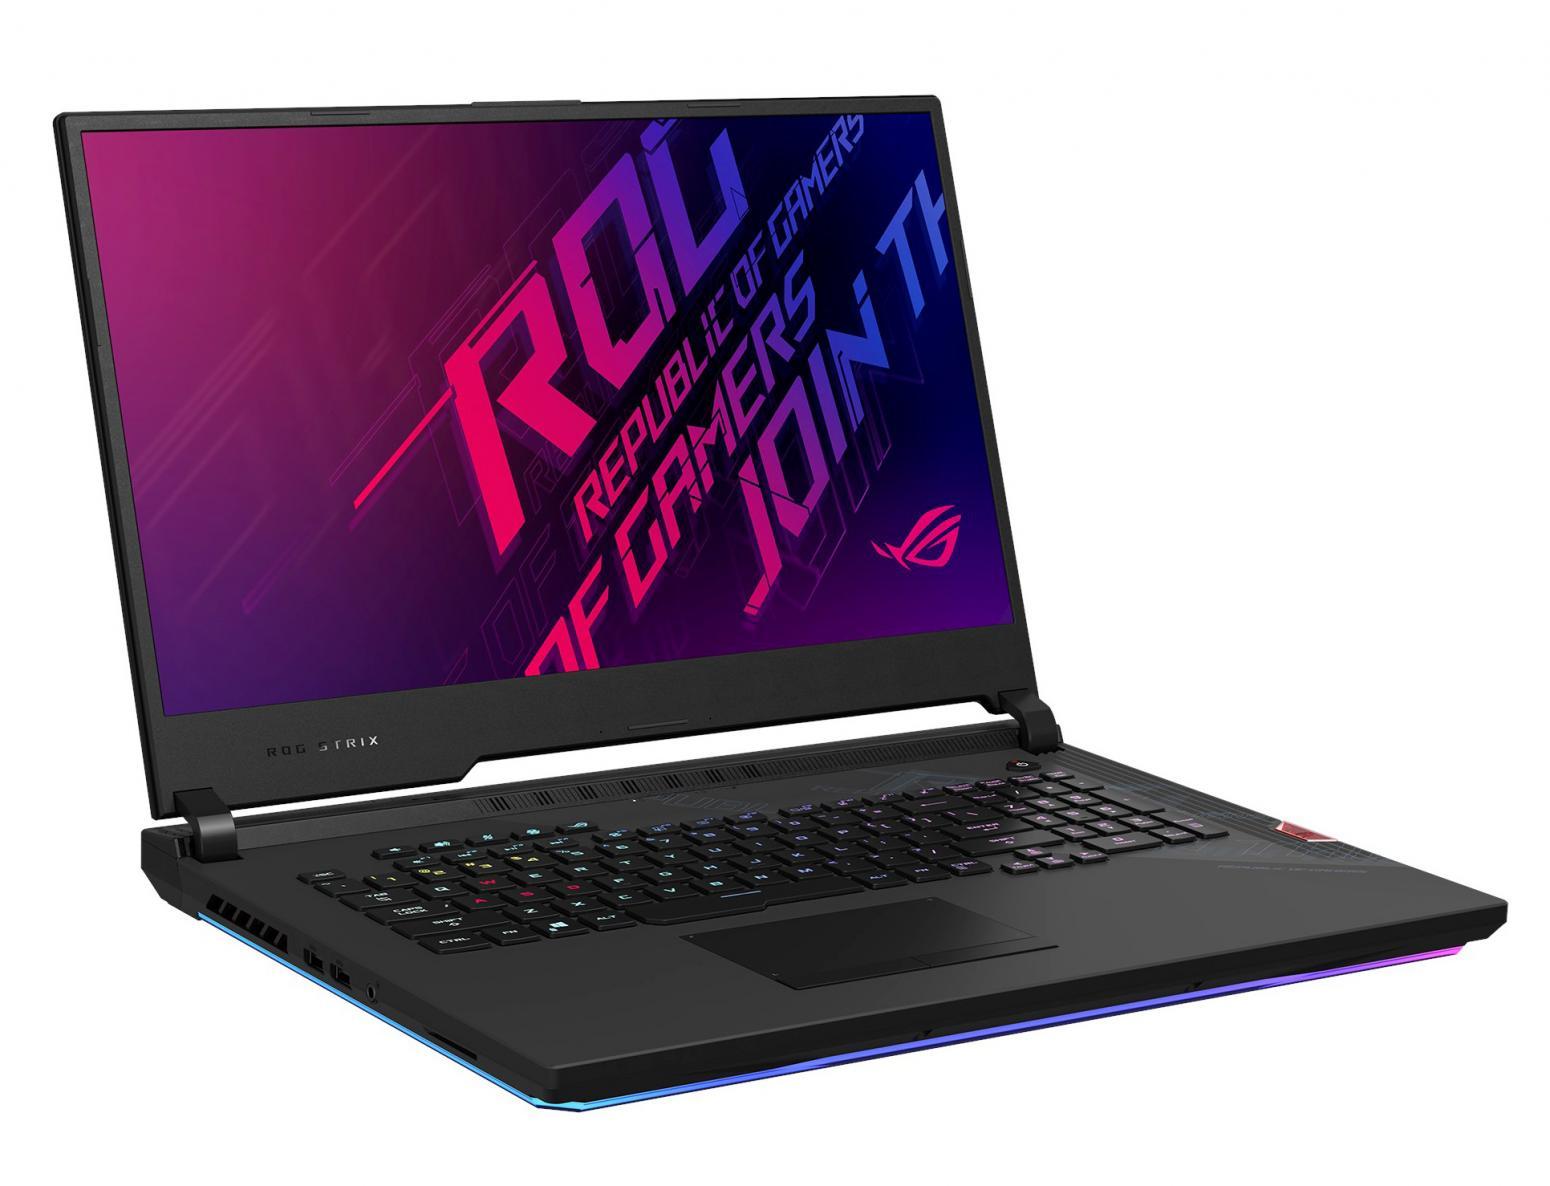 Image du PC portable Asus ROG Strix Scar G732LXS-HG014T - 300Hz, RTX 2080 Super